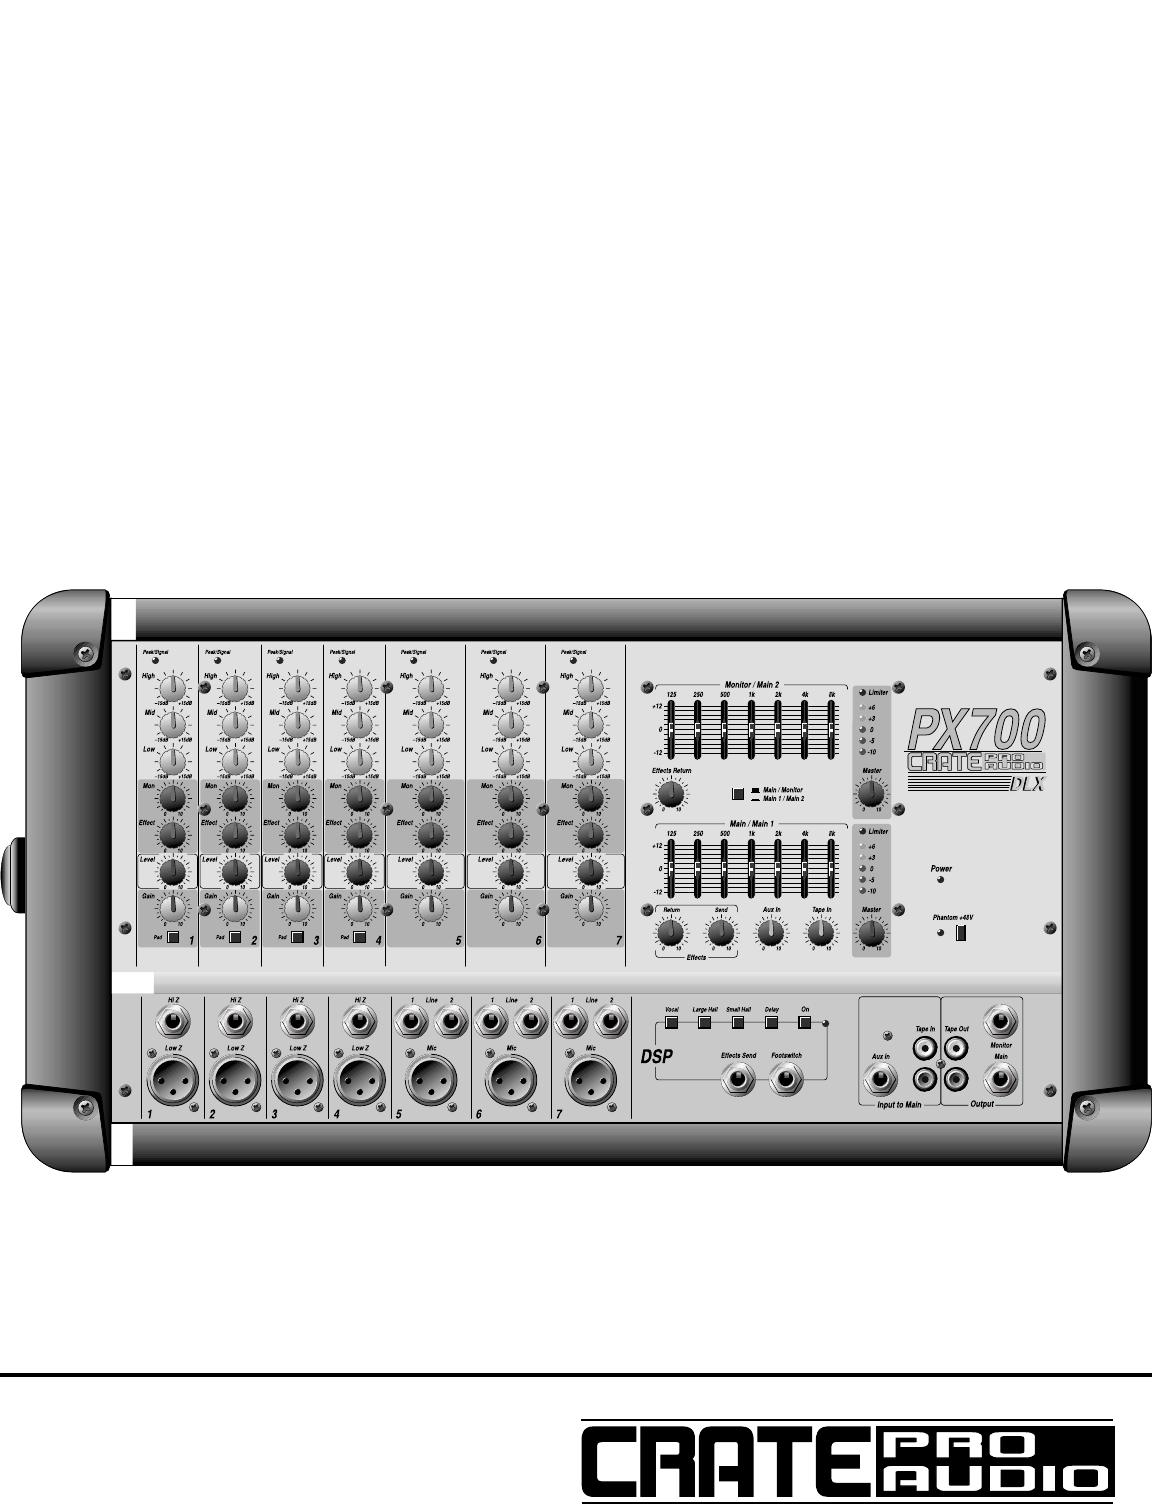 crate pro audio manuals rh crate pro audio manuals fullybelly de Museum Audio Guide Equipment Audio Tour Guide